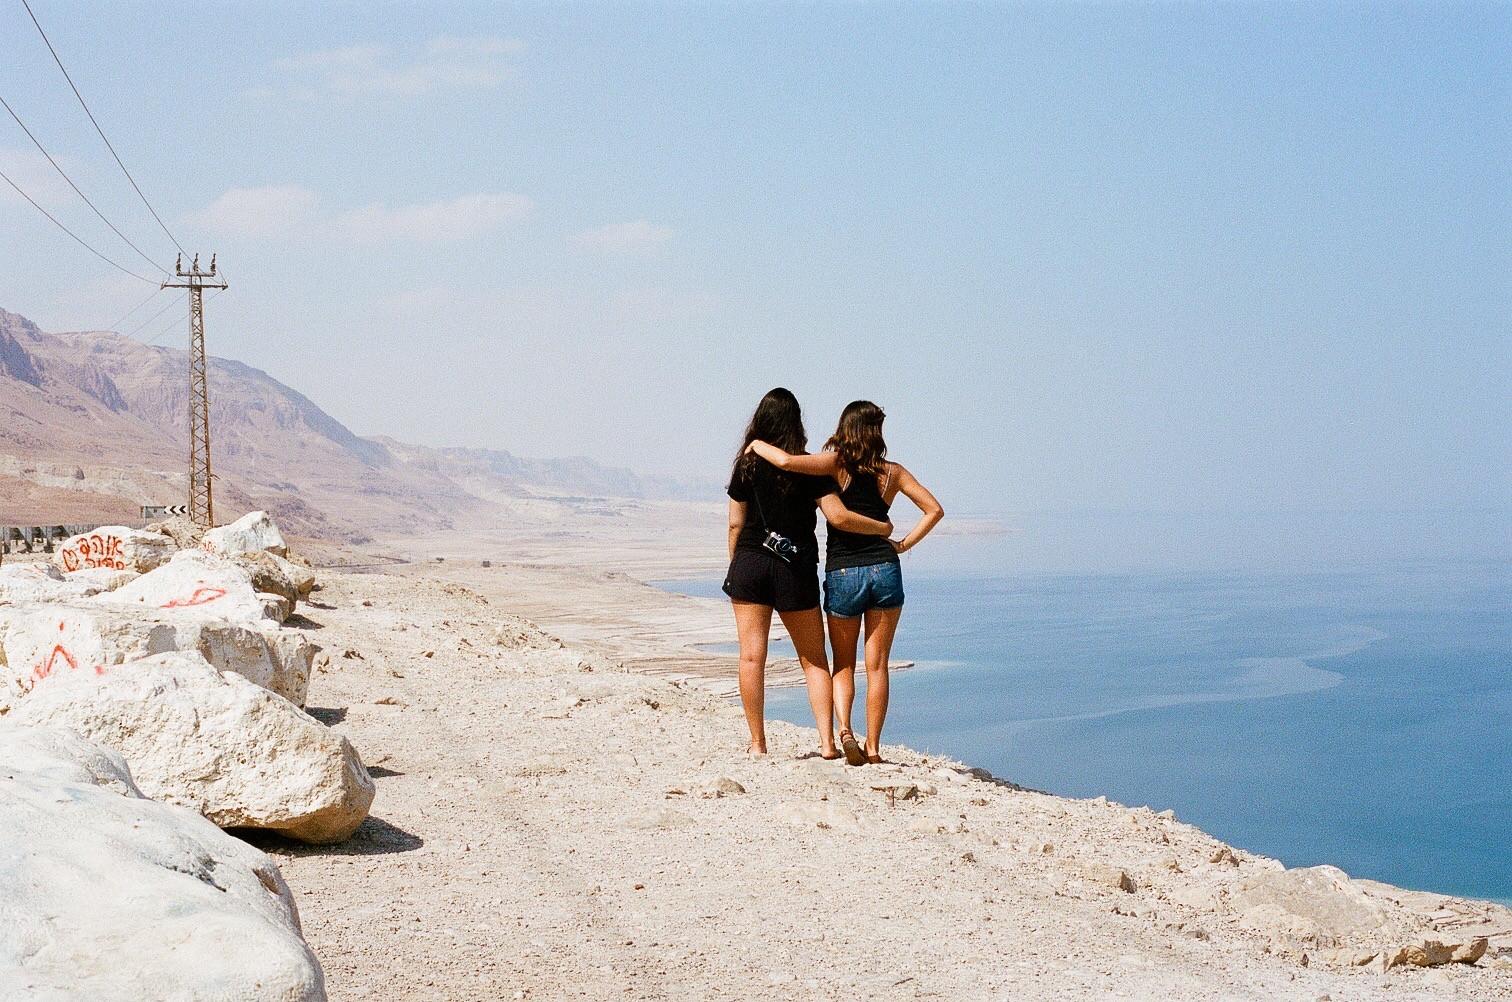 Self Portrait at the Dead Sea